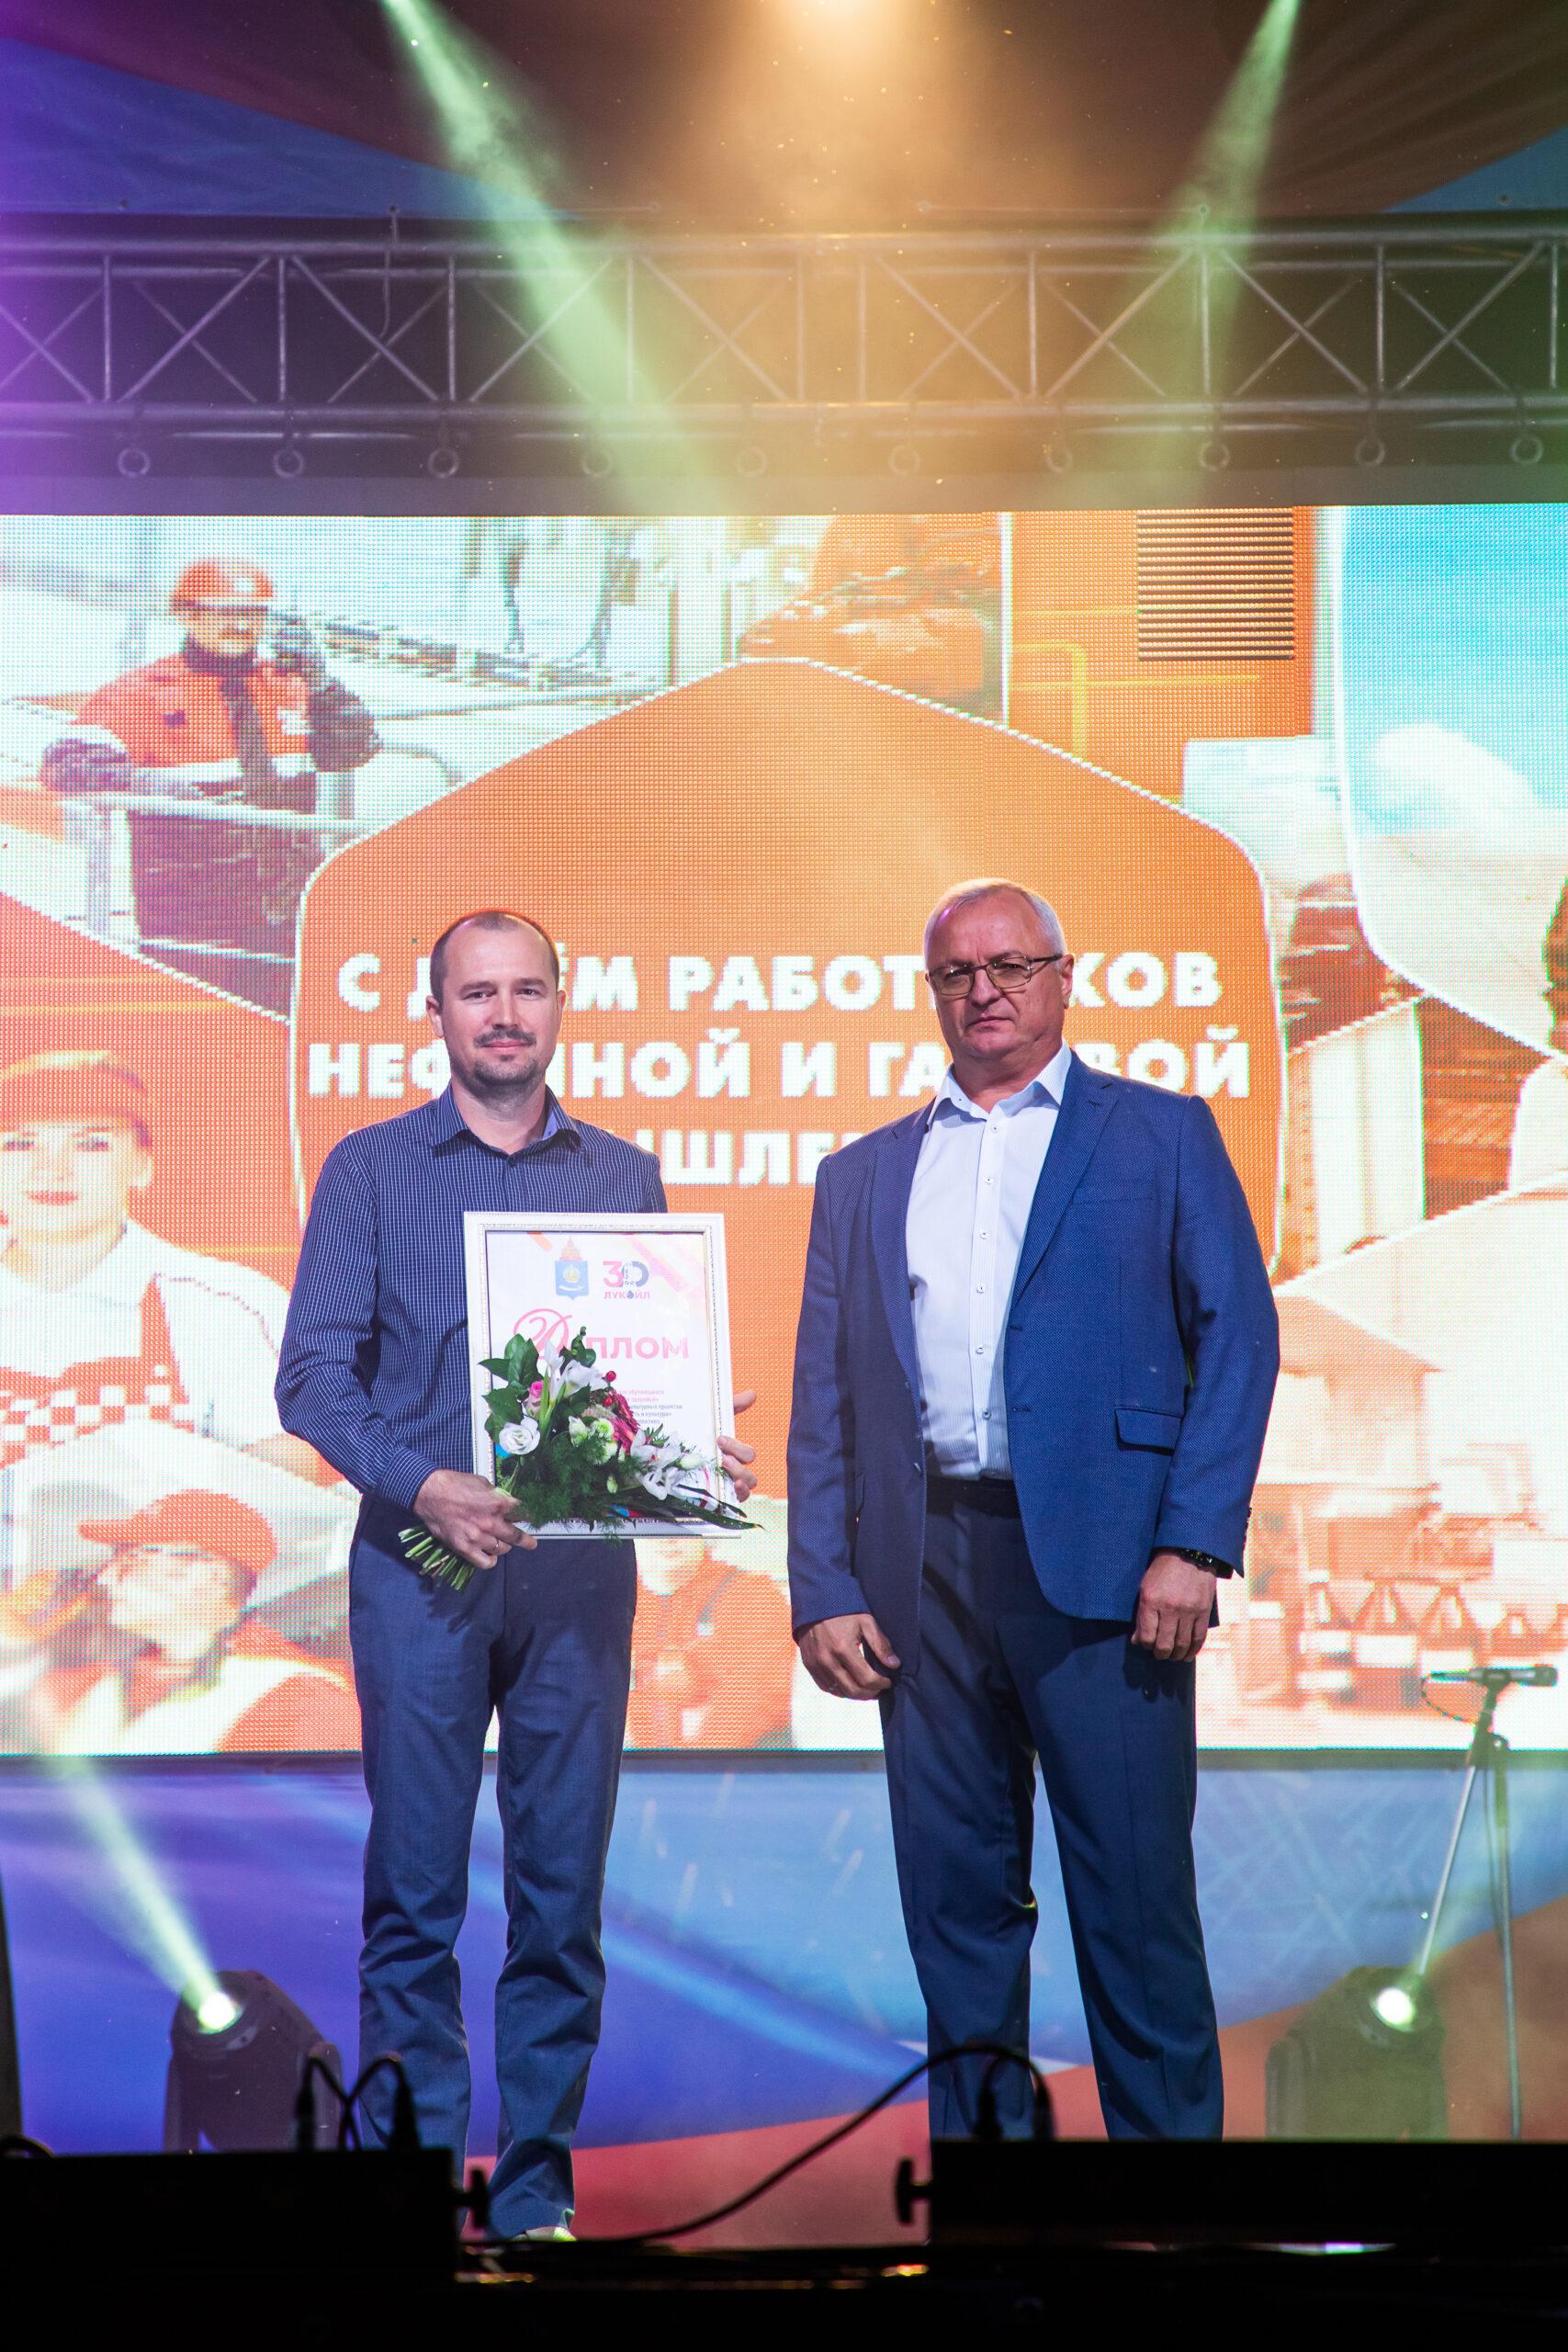 X9A1953 scaled Лучшие социальные проекты Астраханской области получили гранты от ЛУКОЙЛа